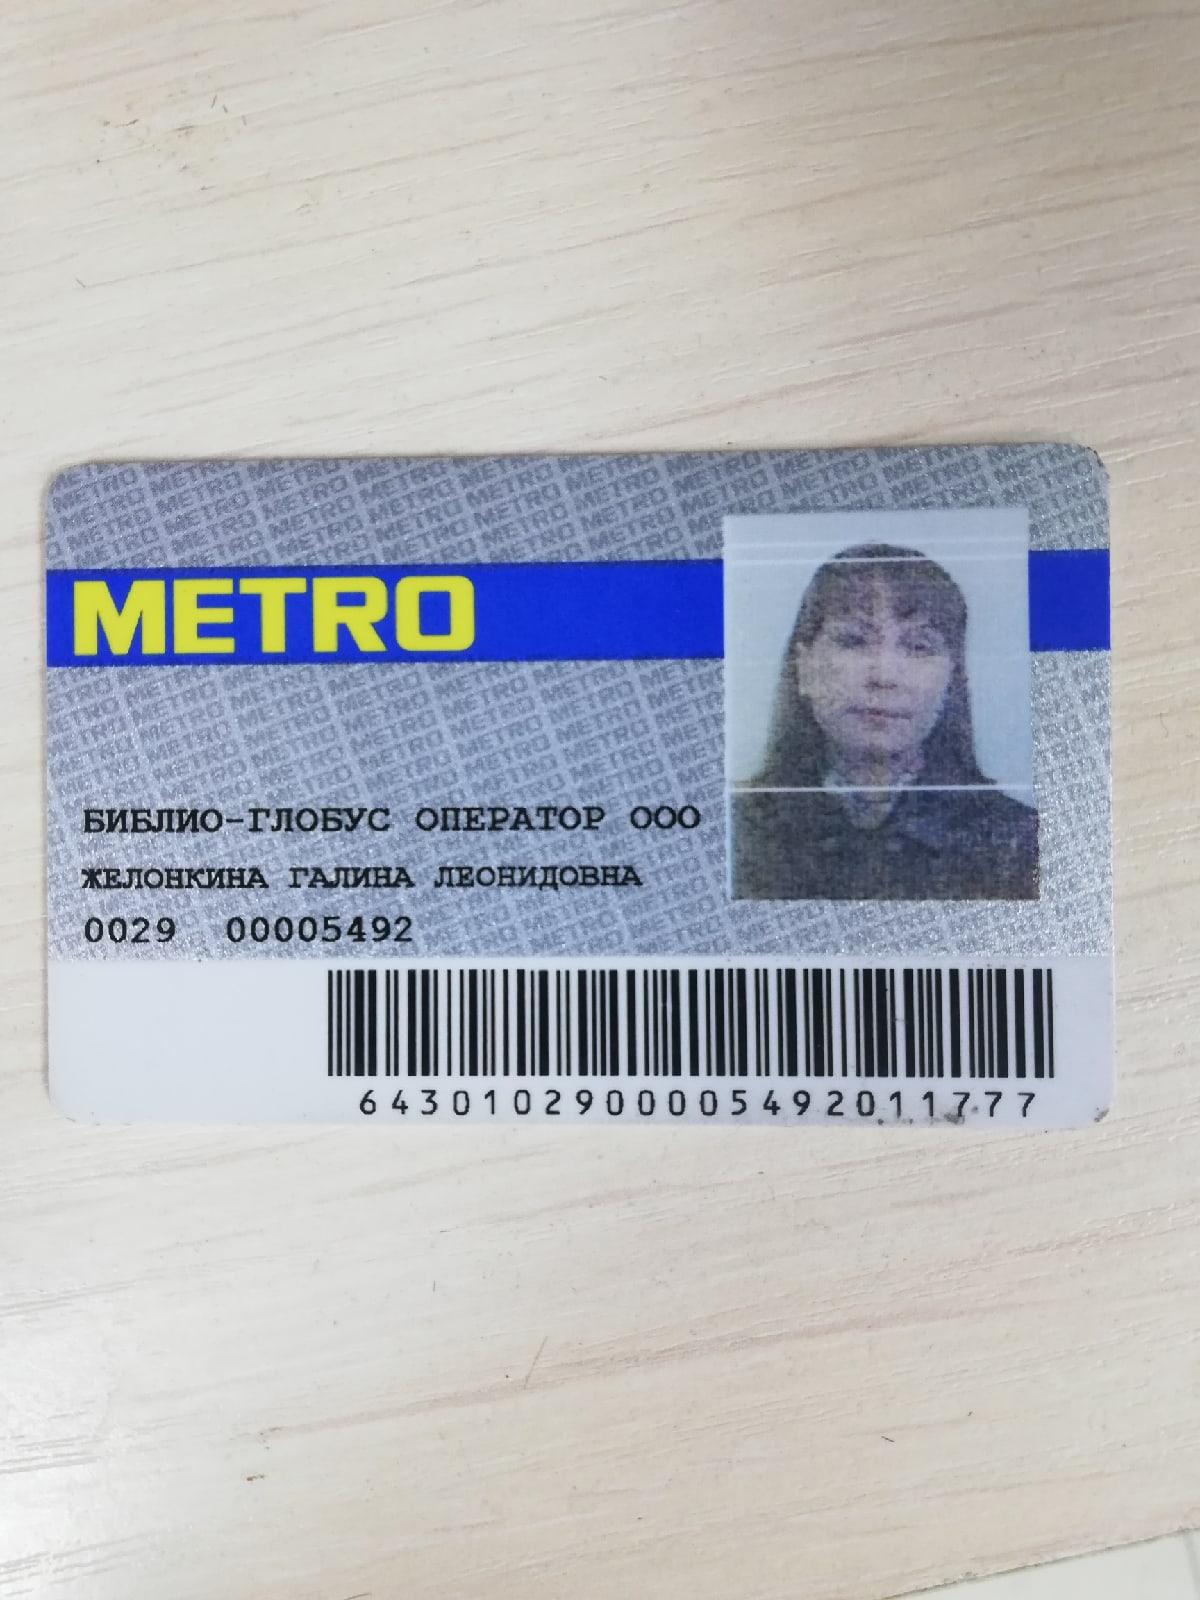 Добрый вечер, нашла карточку в метро